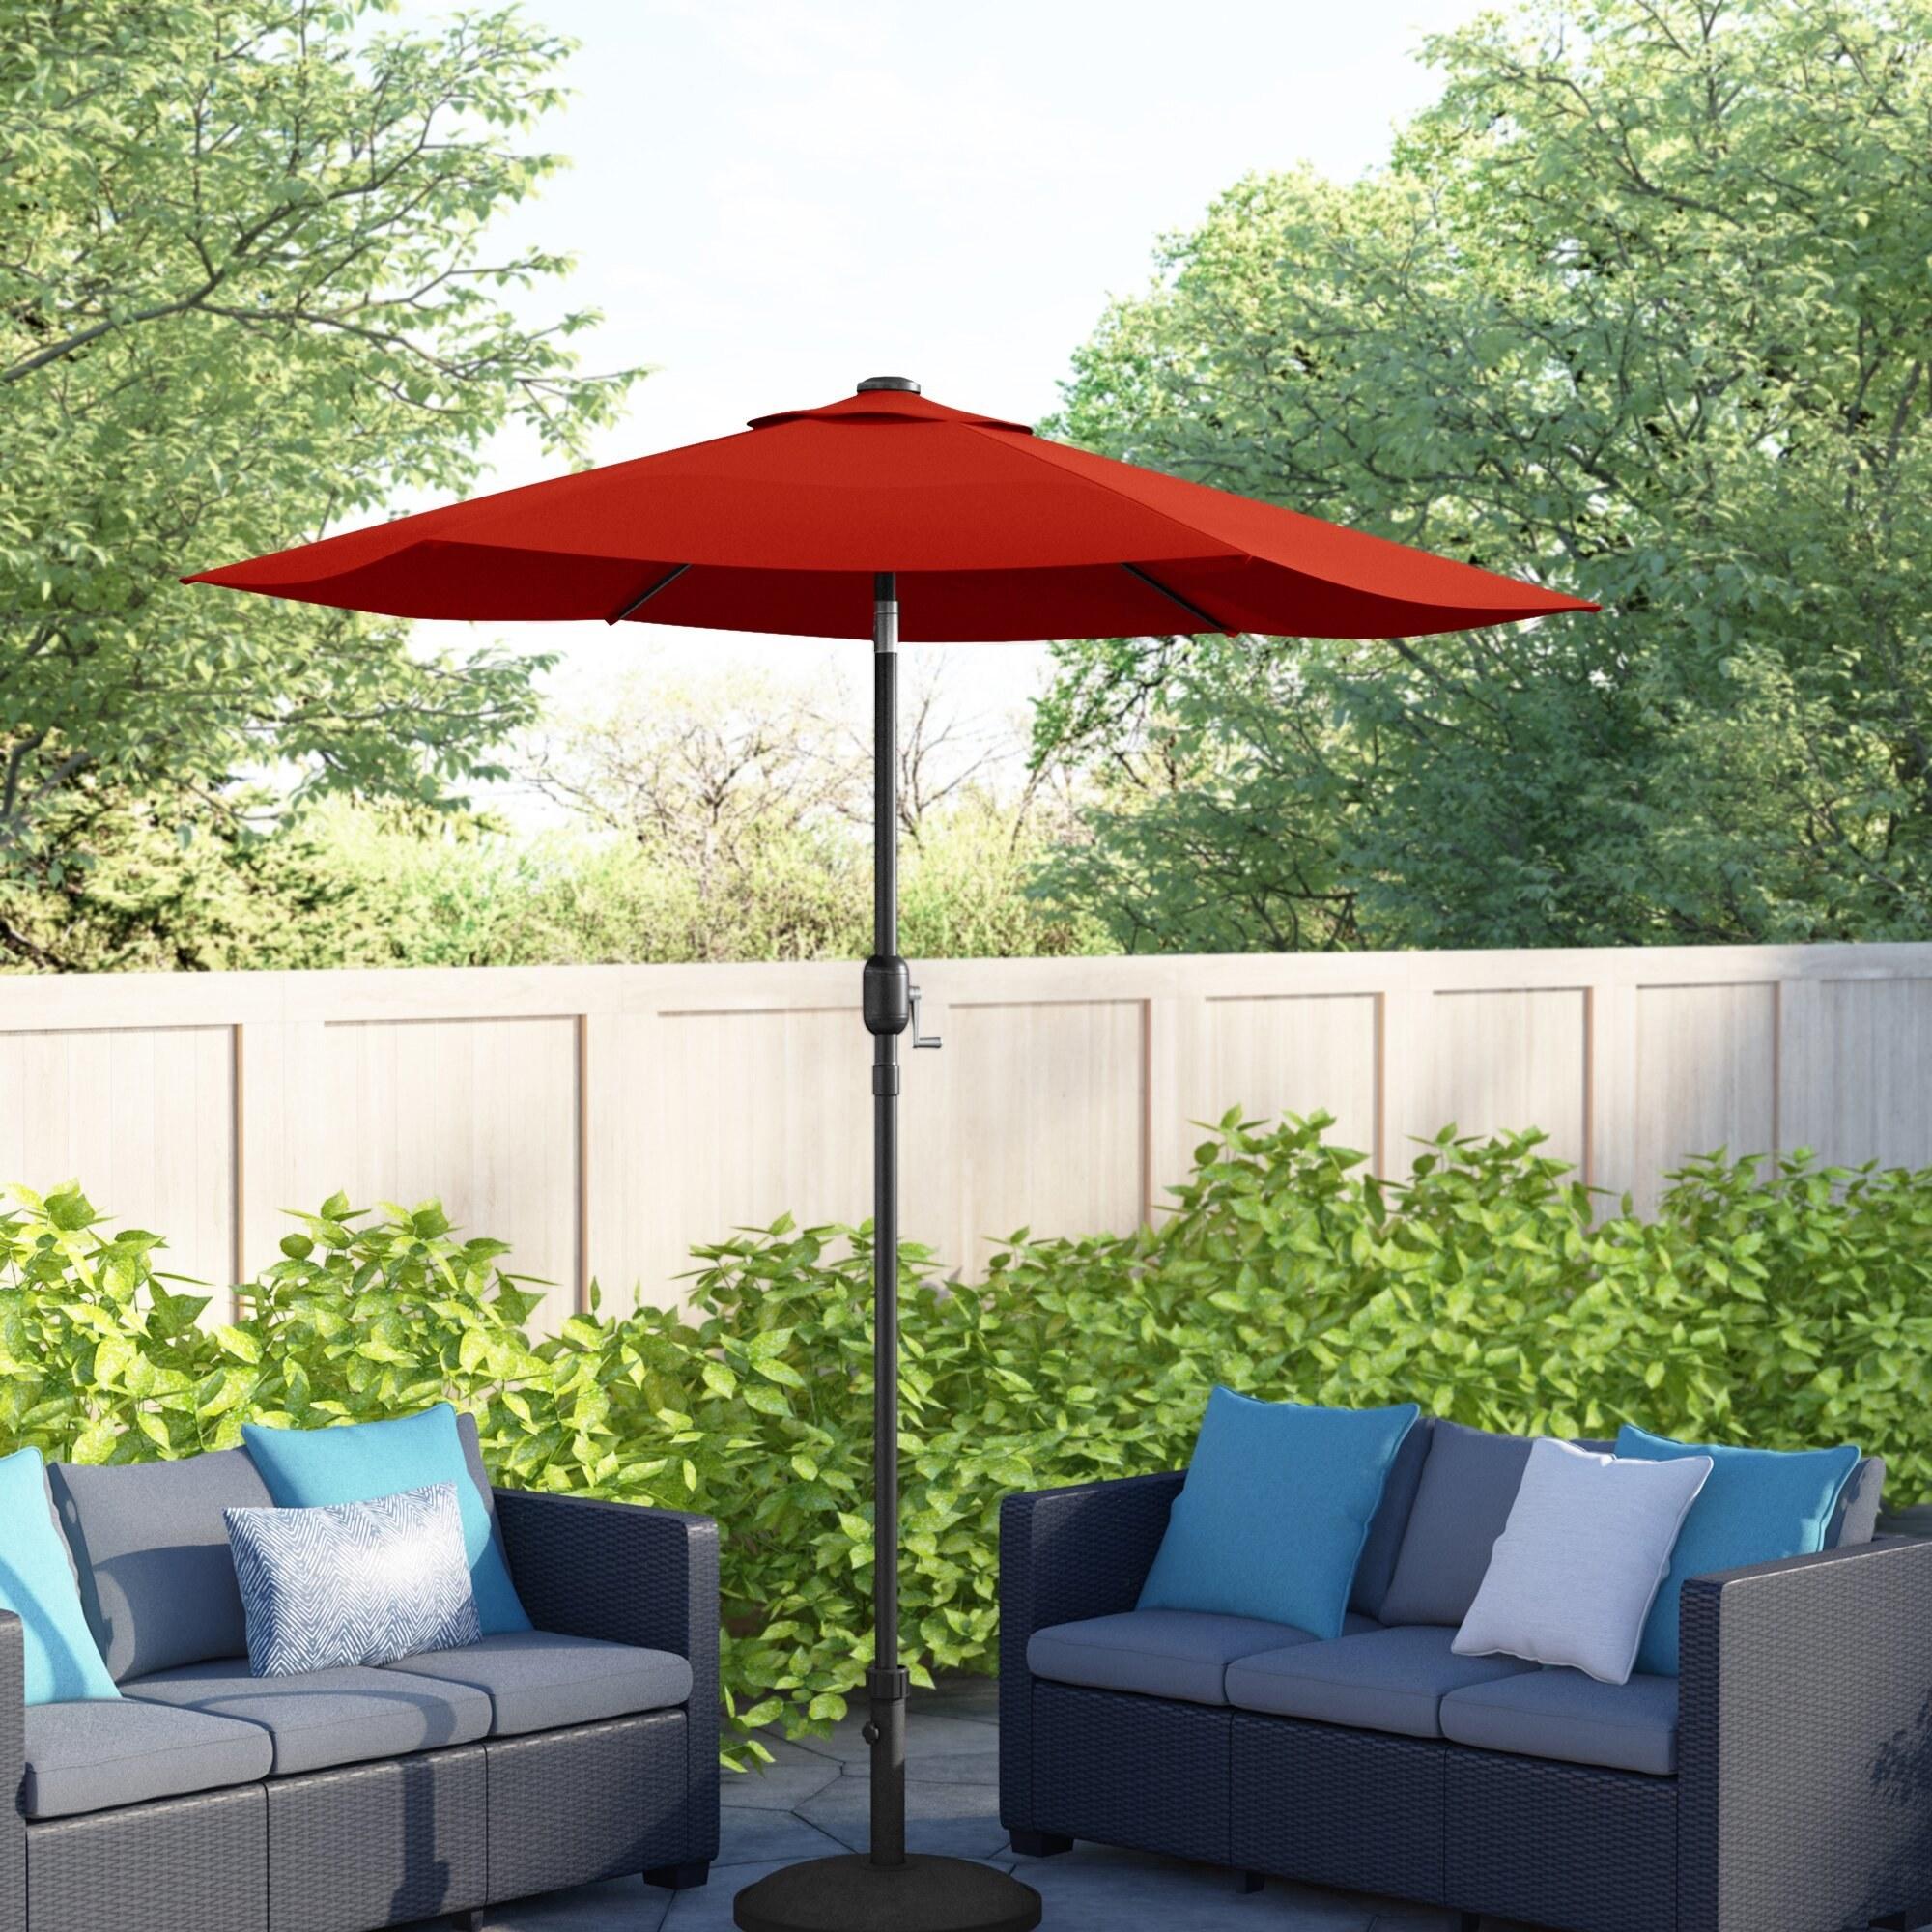 the umbrella in orange in a backyard